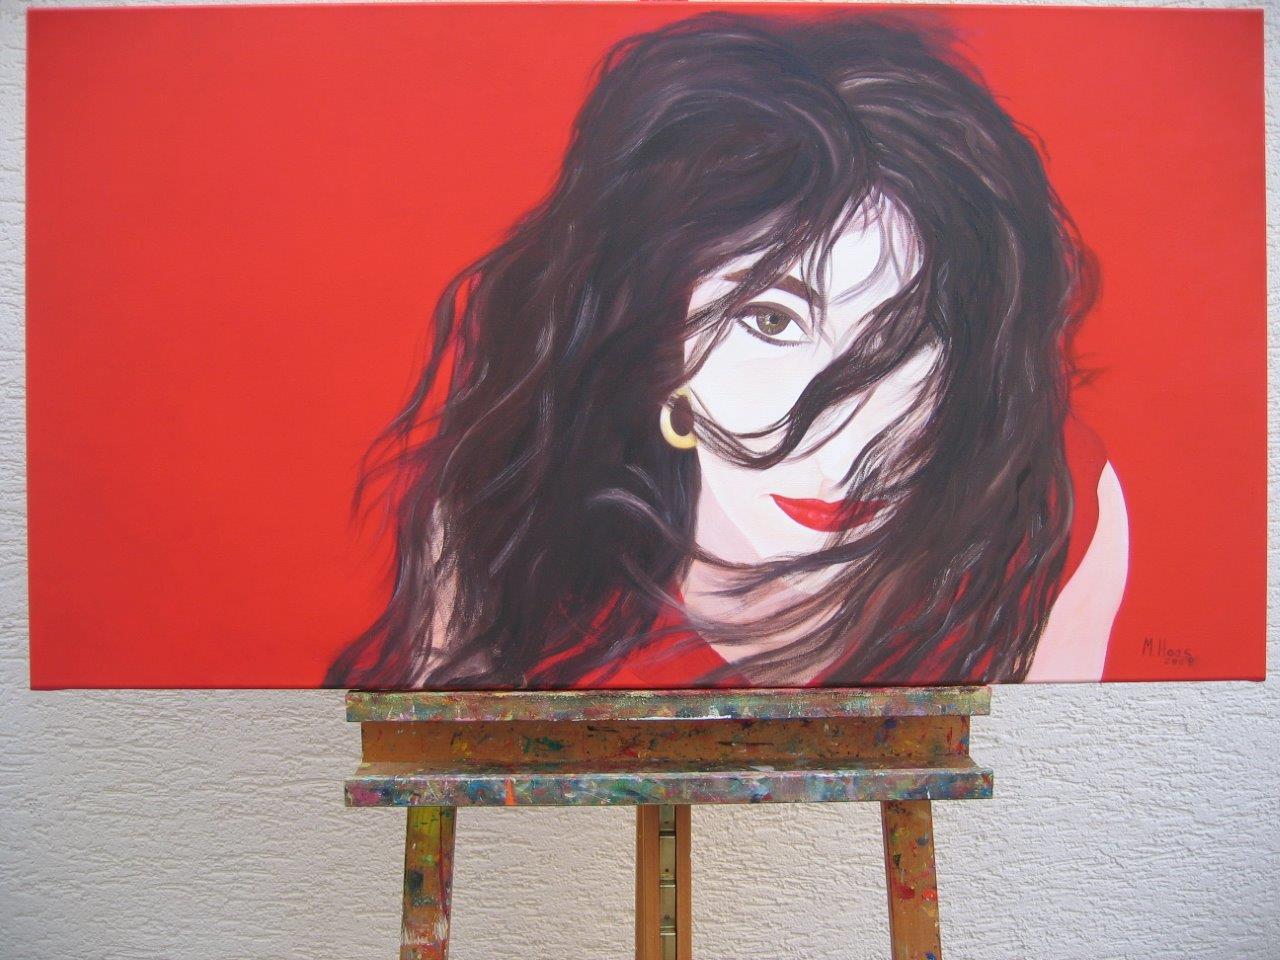 Frau-2008-60x110cm-Oelfarbe-auf-Leinwand-Frauenporträt-Rheingau